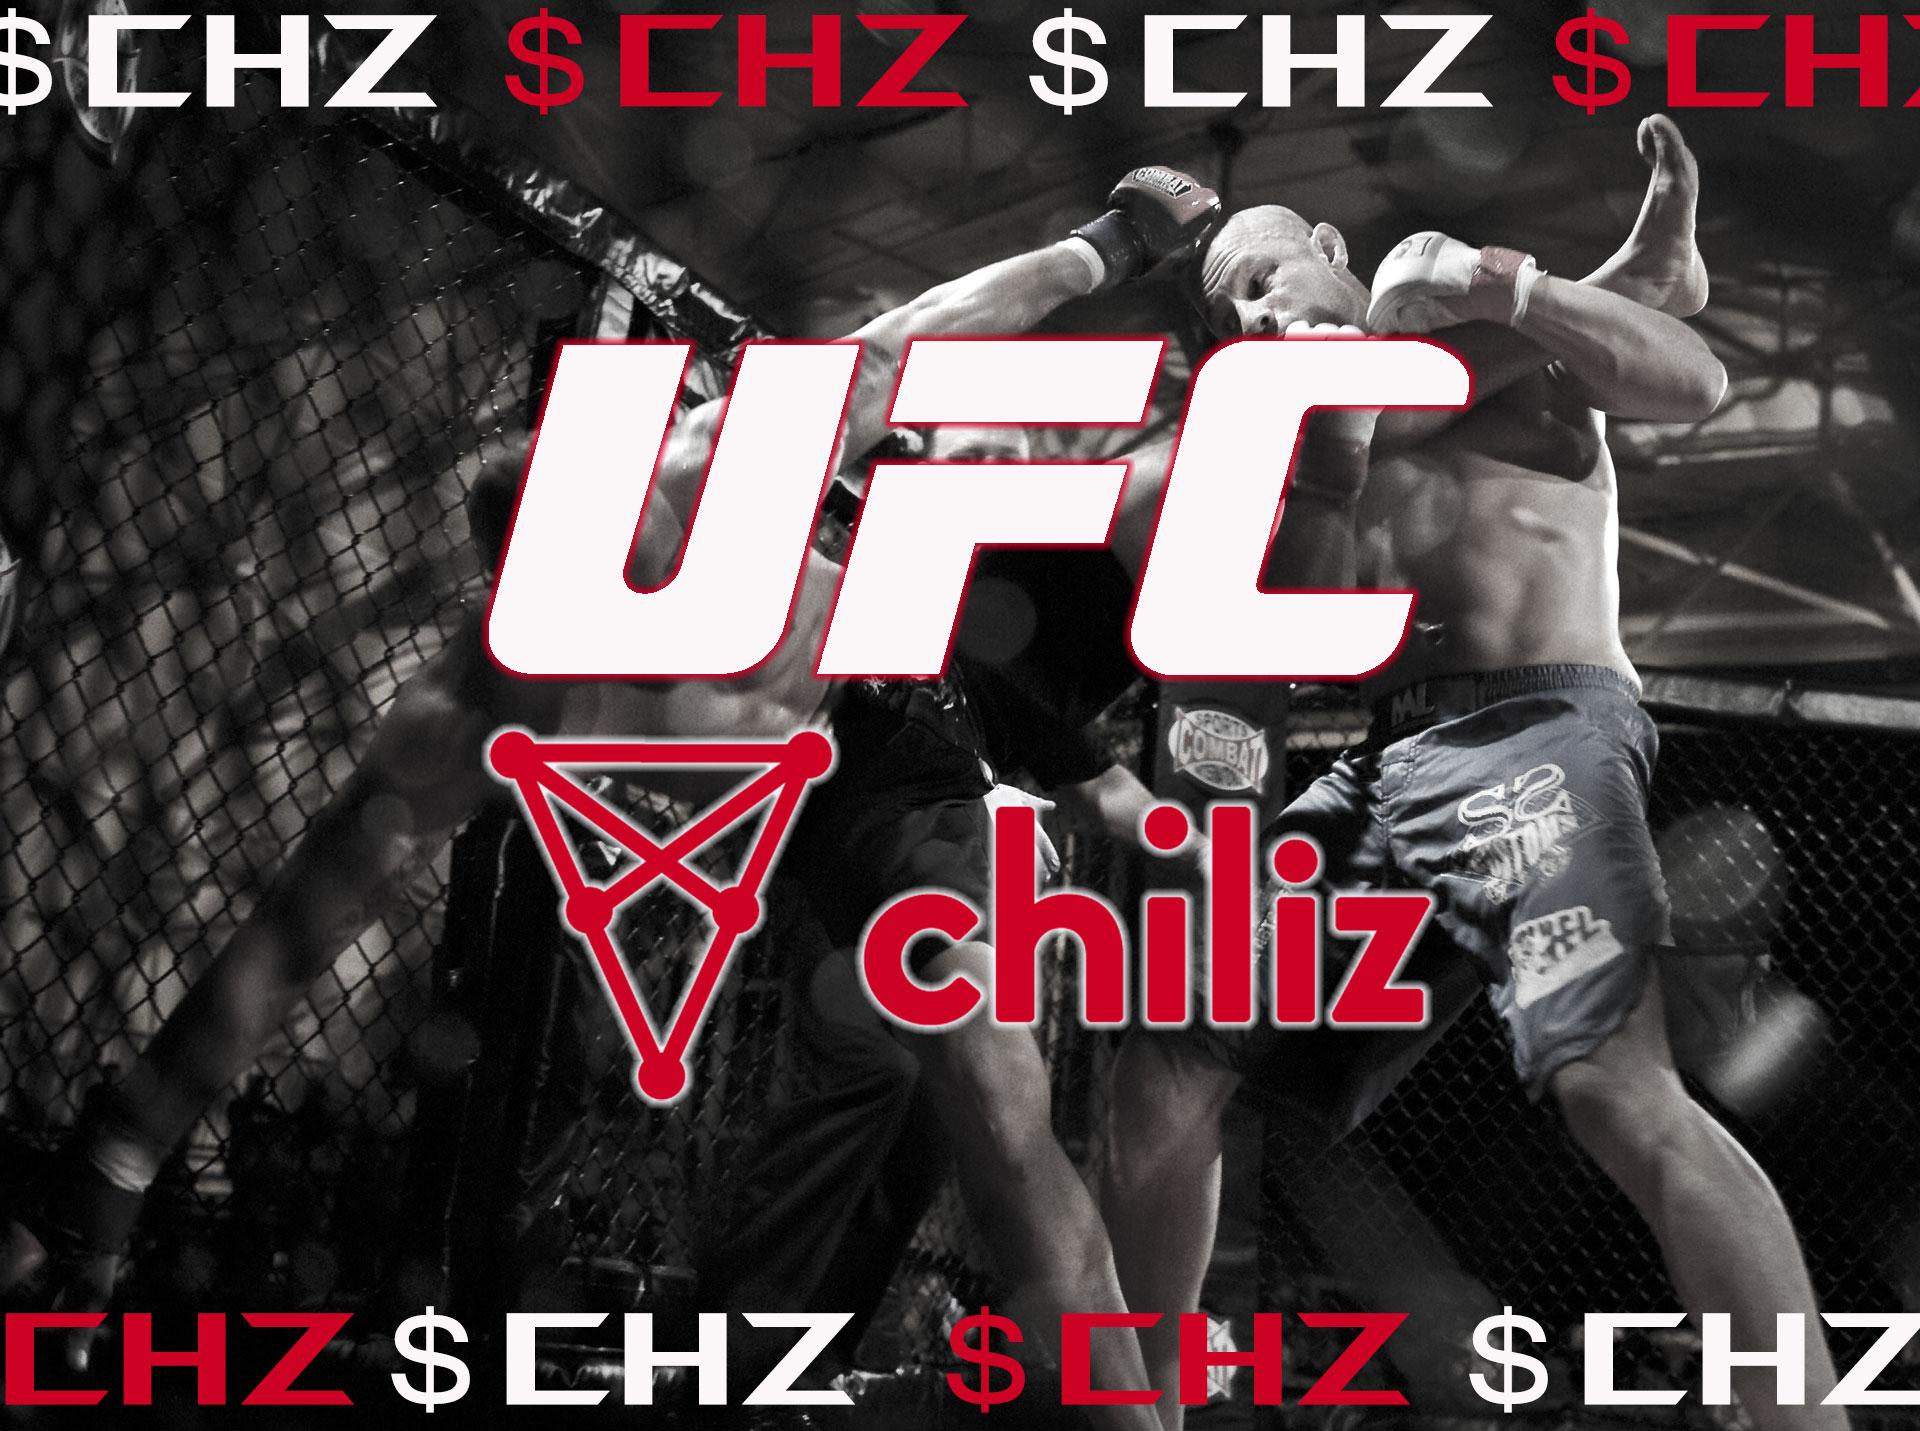 チリーズが総合格闘技団体「UFC」と提携!ファントークンで様々なサービスを展開